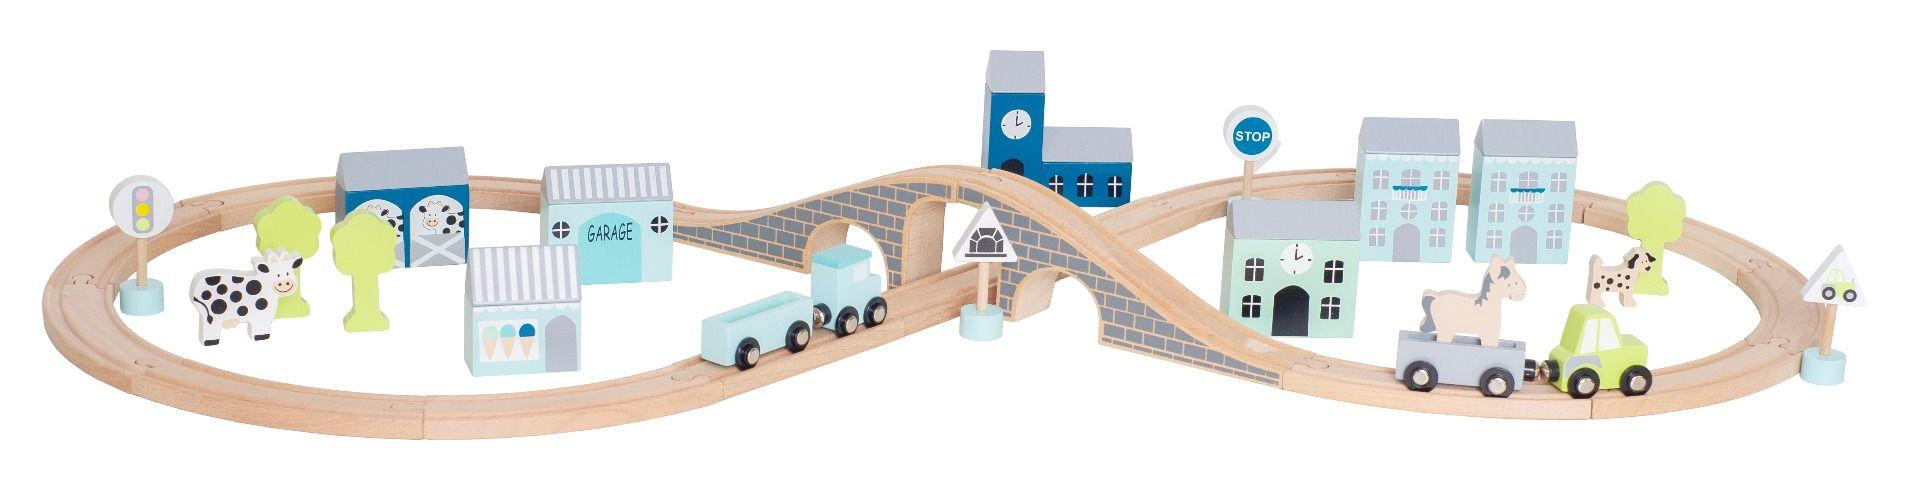 Holz Autobahn Spielset mit Straßen Schienen, Figuren und Tieren in Box blau